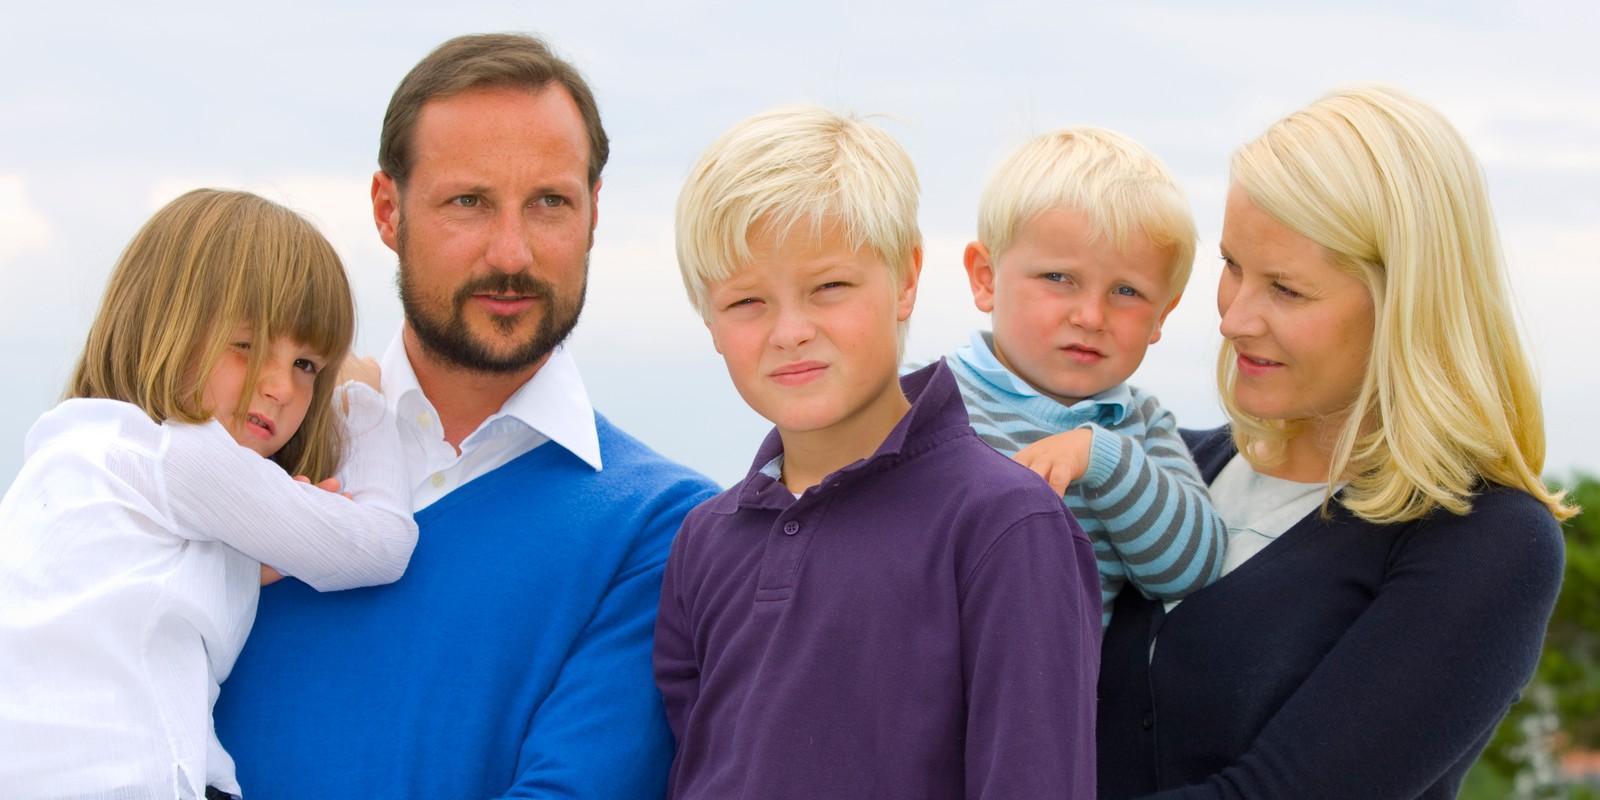 Hele kronprinsfamilien stilte til fotografering på Risørflekken, et utsiktspunkt i sørlandsbyen lengst nord i Aust-Agder, i anledning kronprins Haakons 36-års dag i 2009. Kronprinsfamilien ferierer på Flatholmen denne uka. Foto: Heiko Junge / SCANPIX / POOL